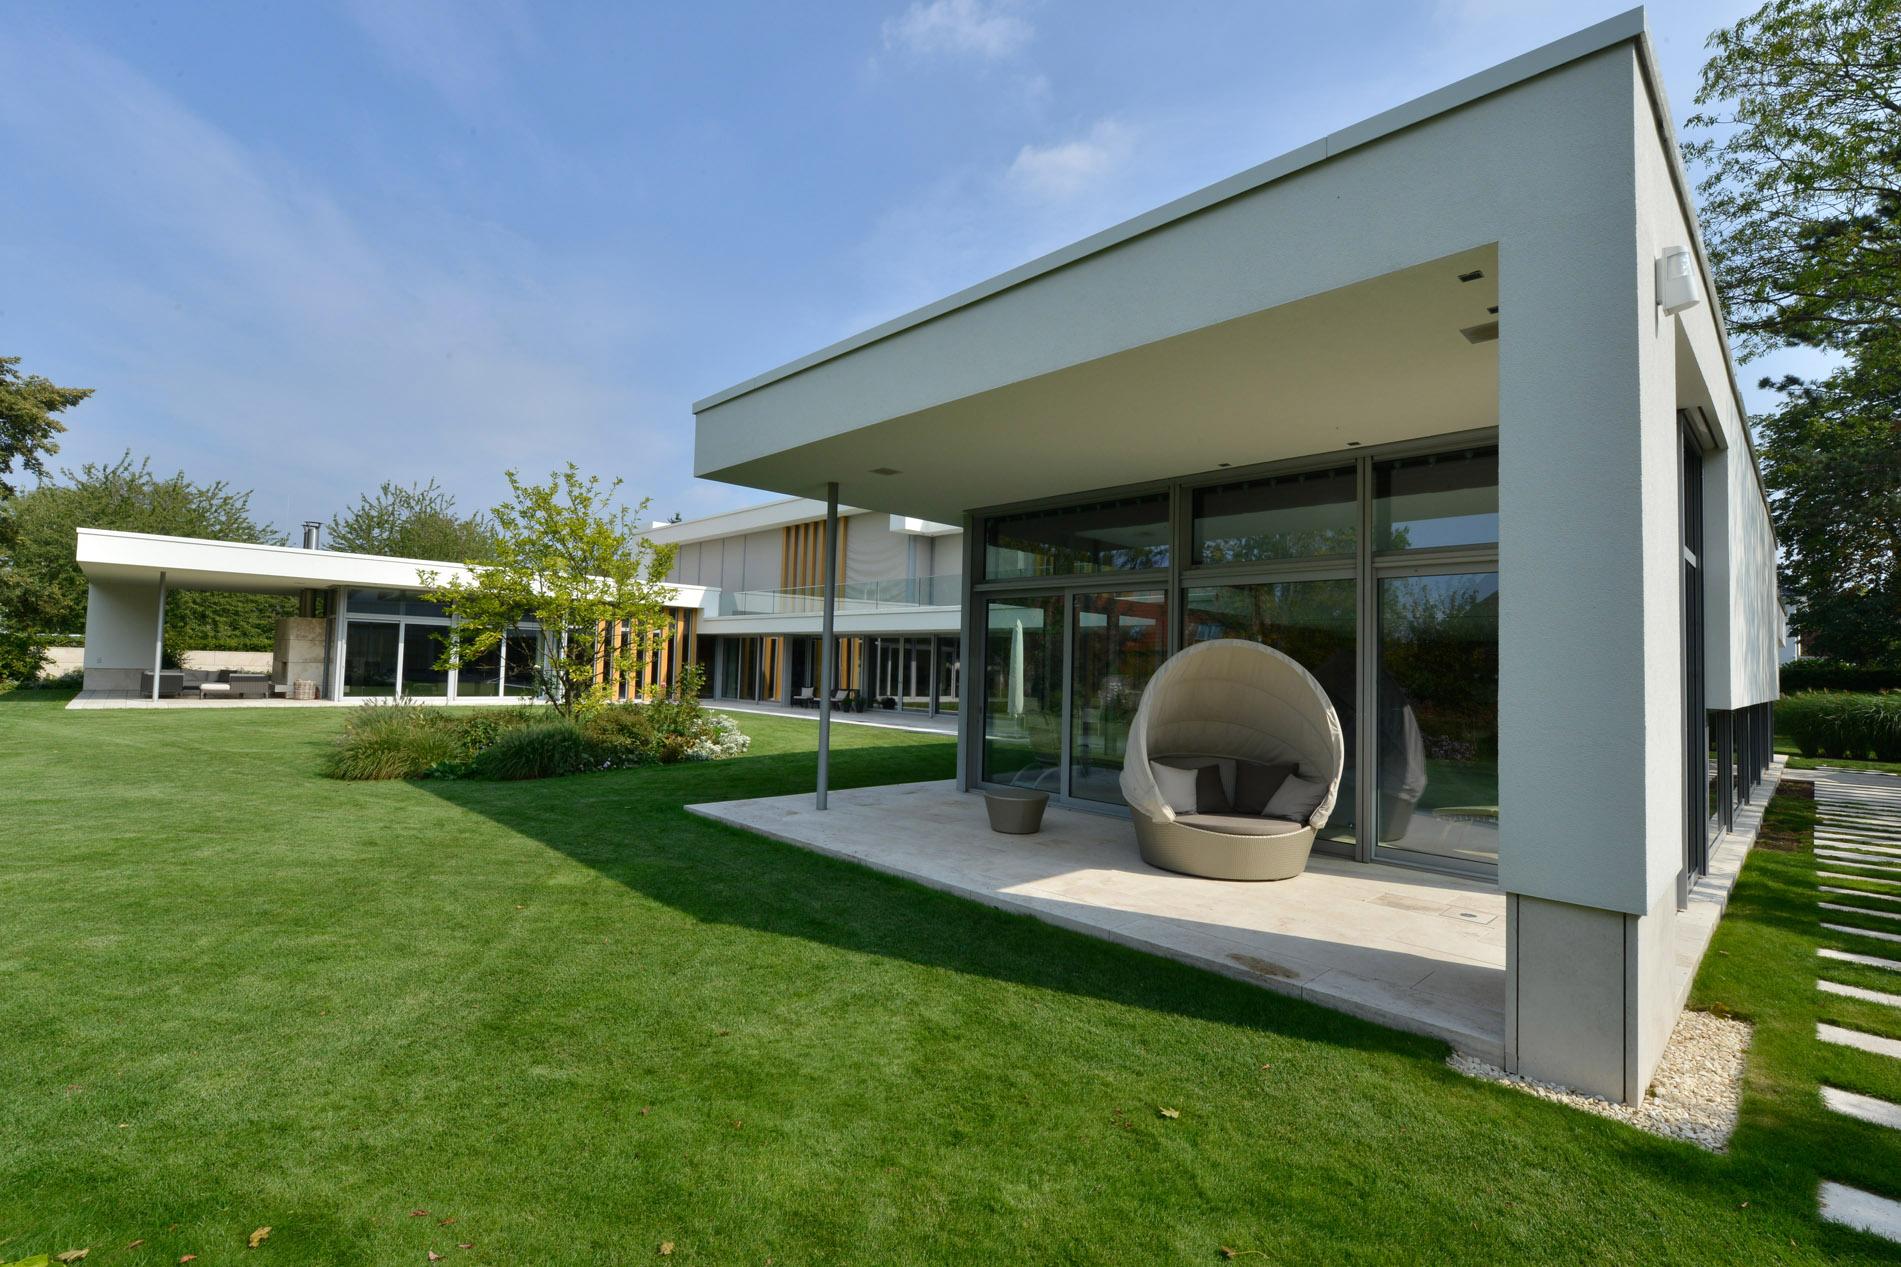 Villa mit Bodenplatten aus Bauhaus Travertin von TRACO